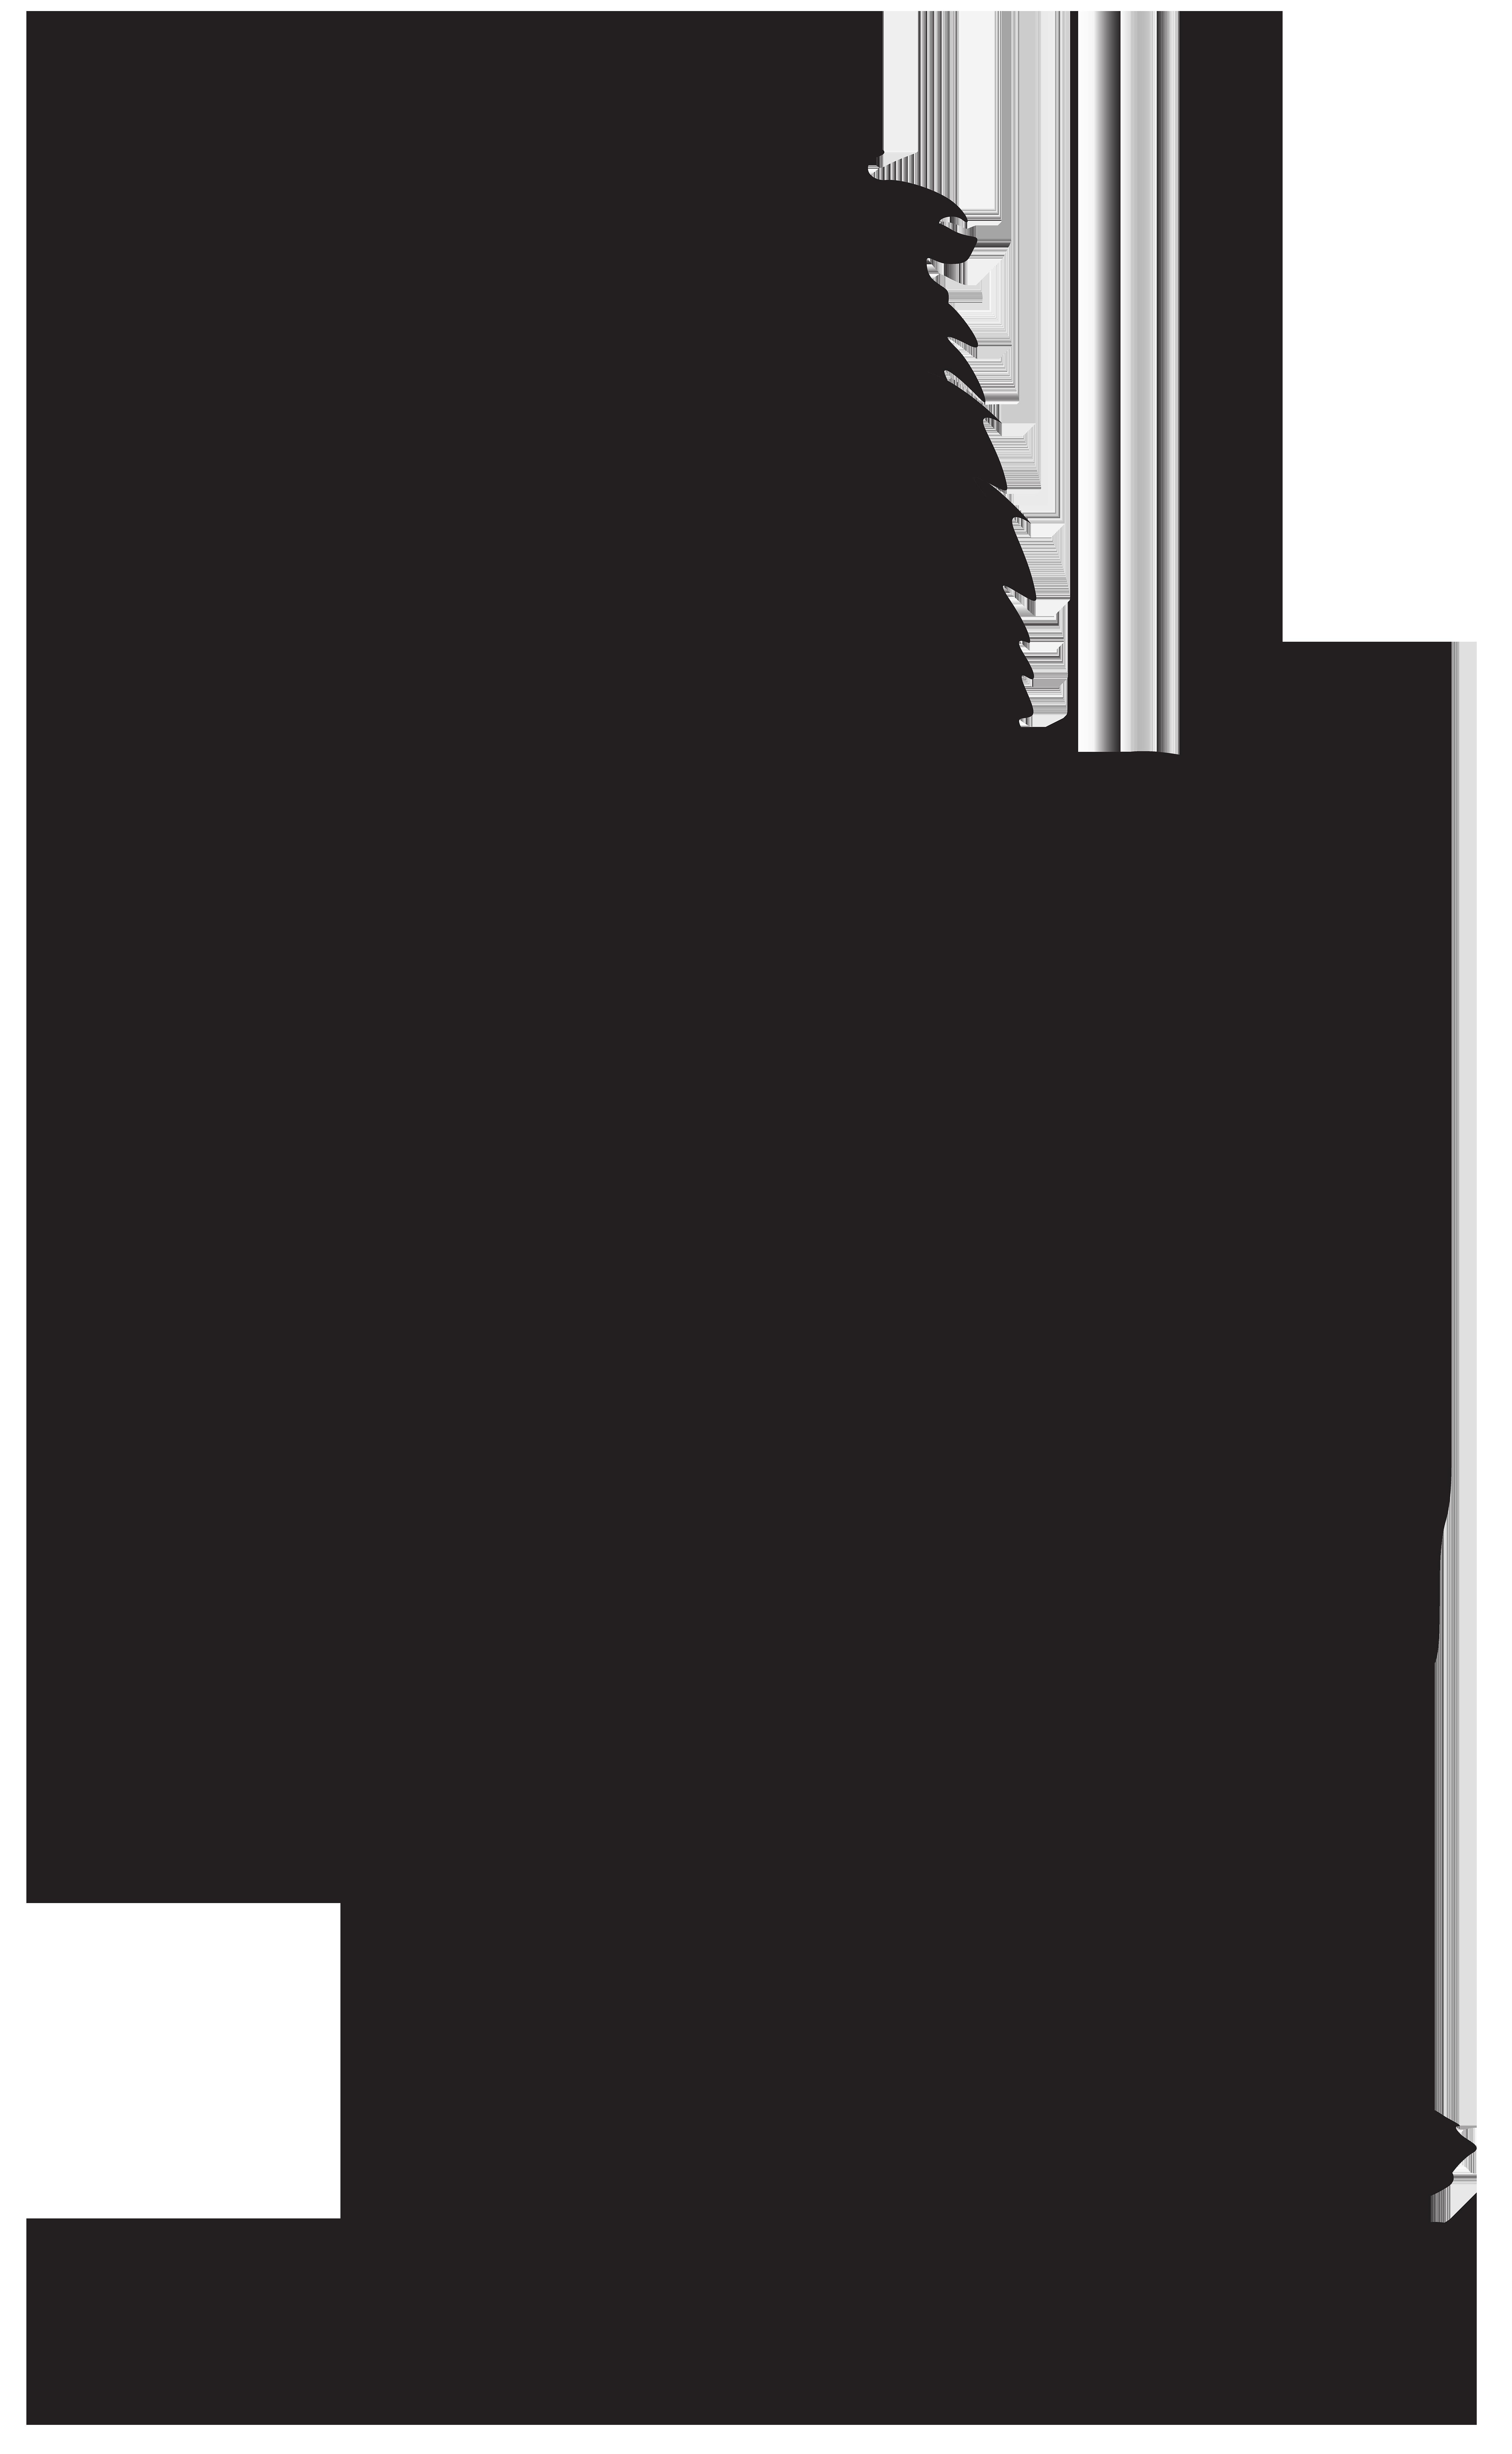 Png transparent clip art. Silhouette clipart lion